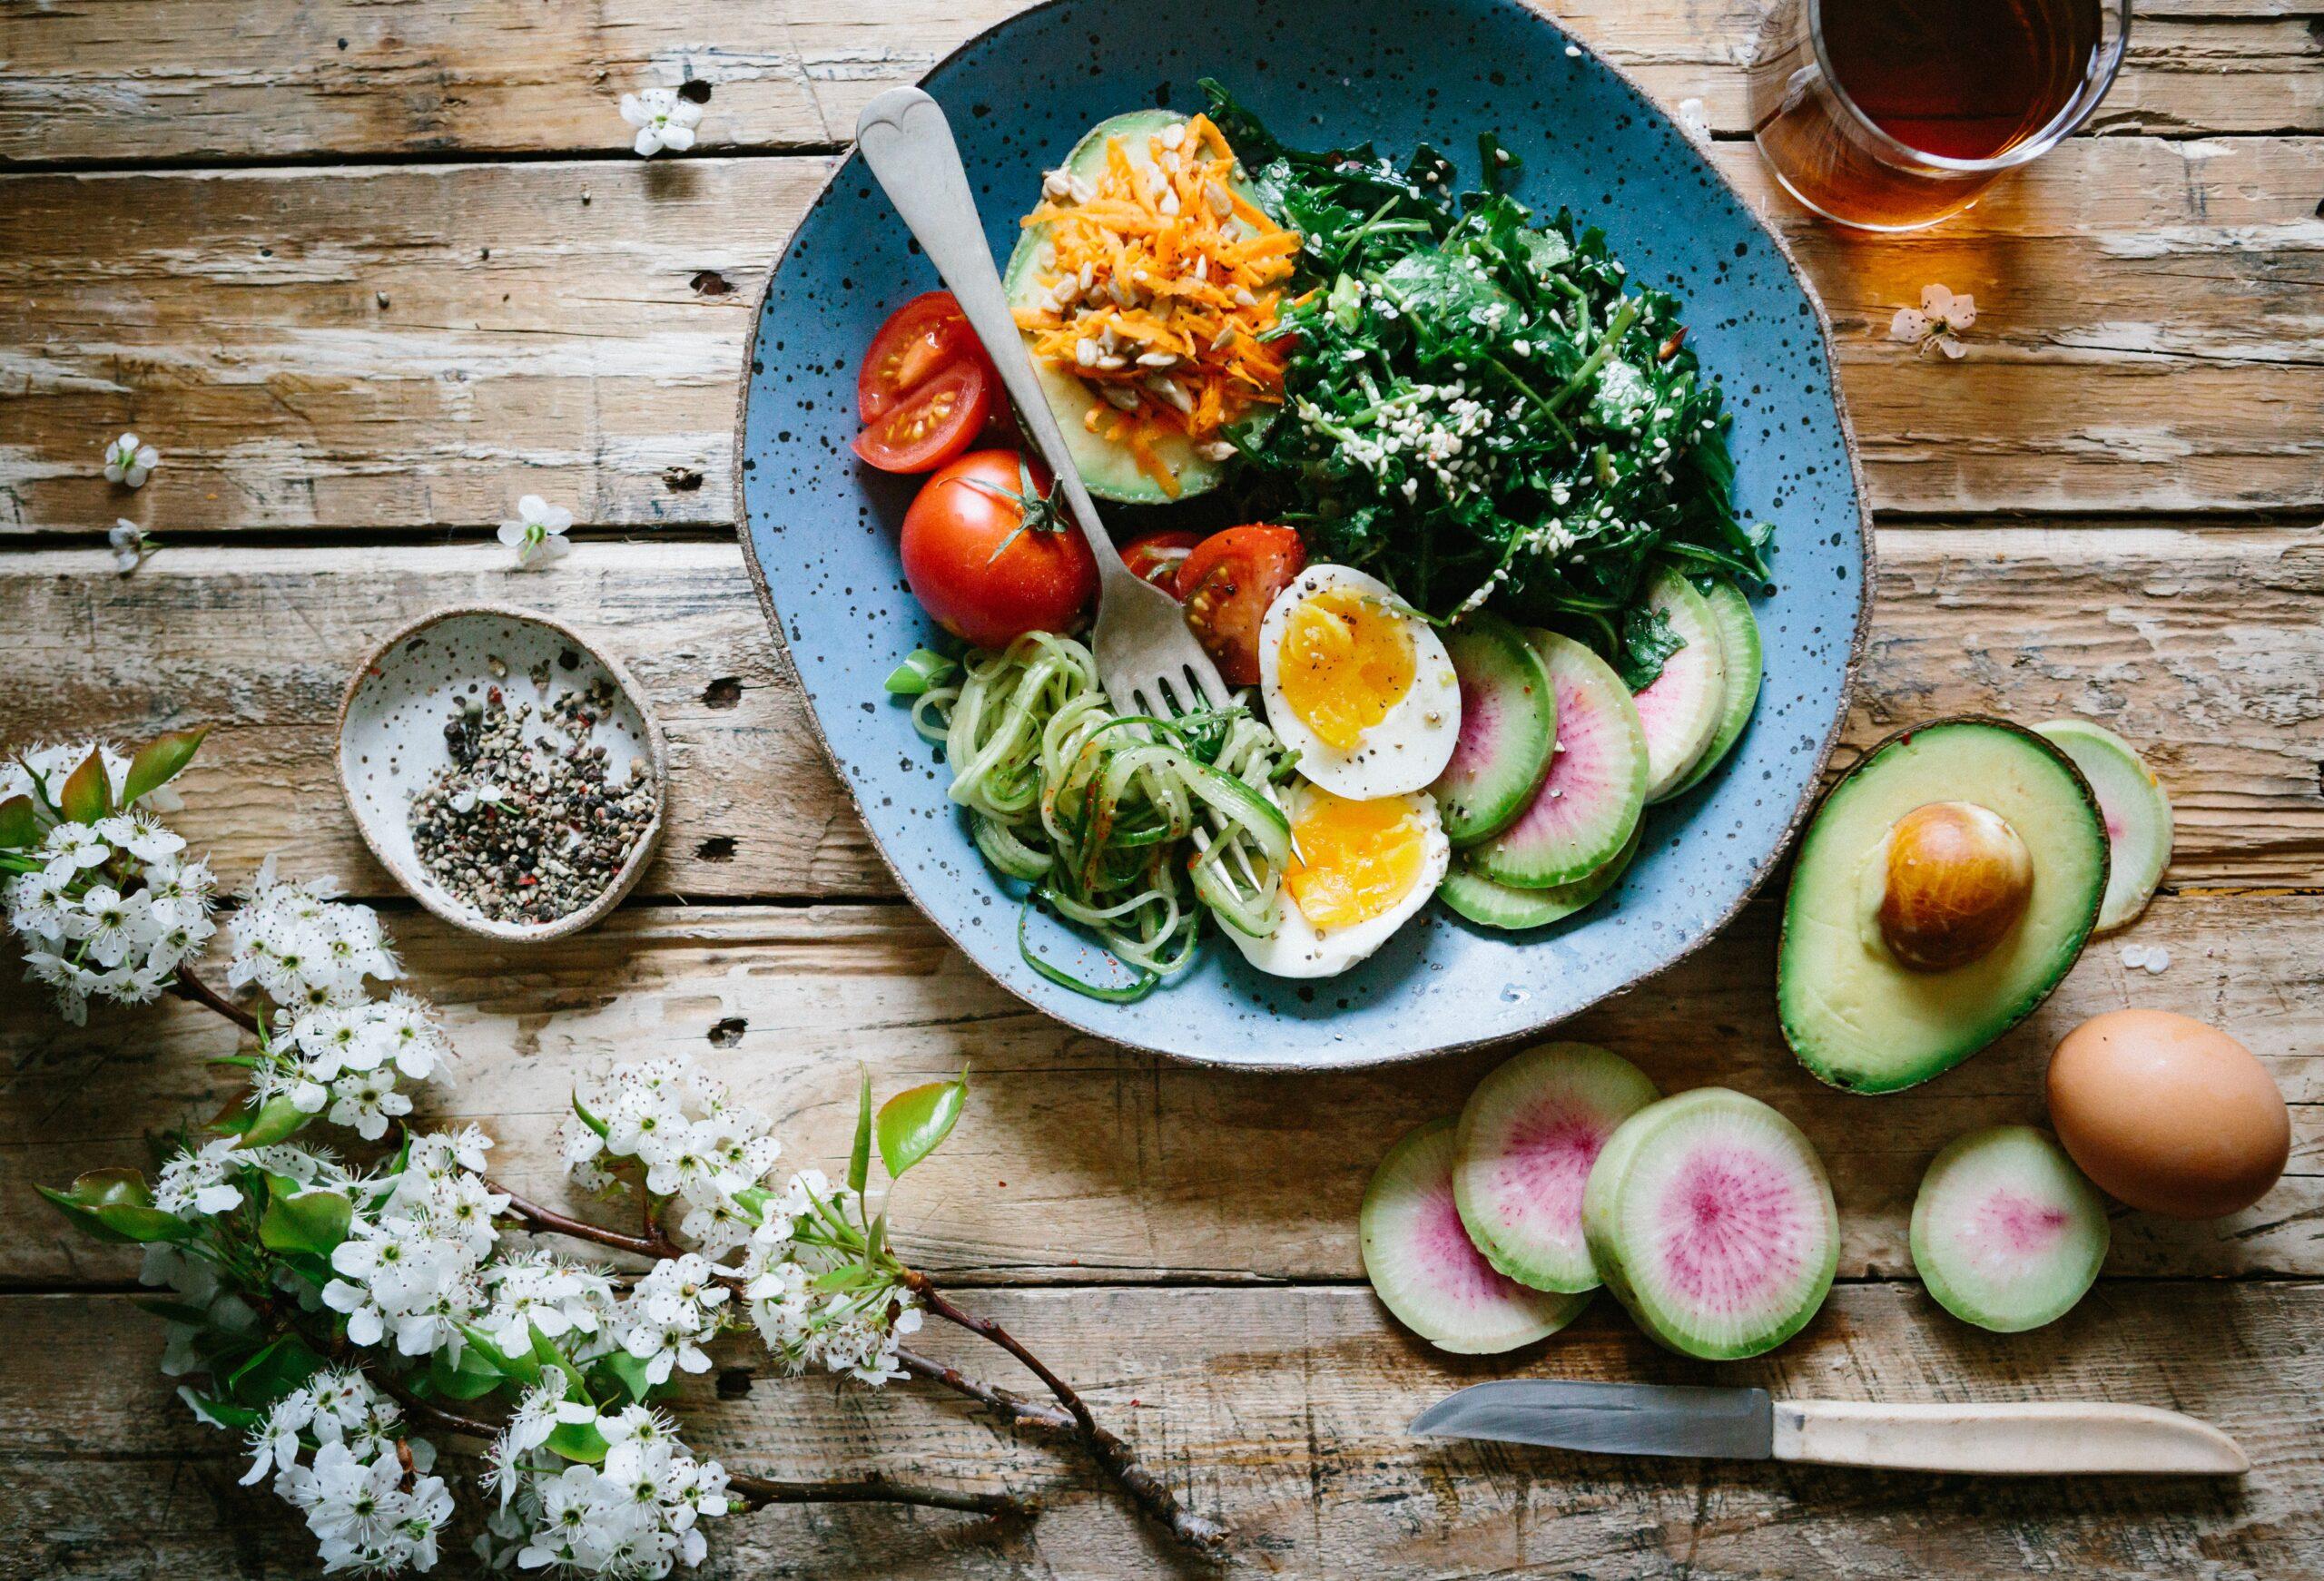 バランスを整える食品